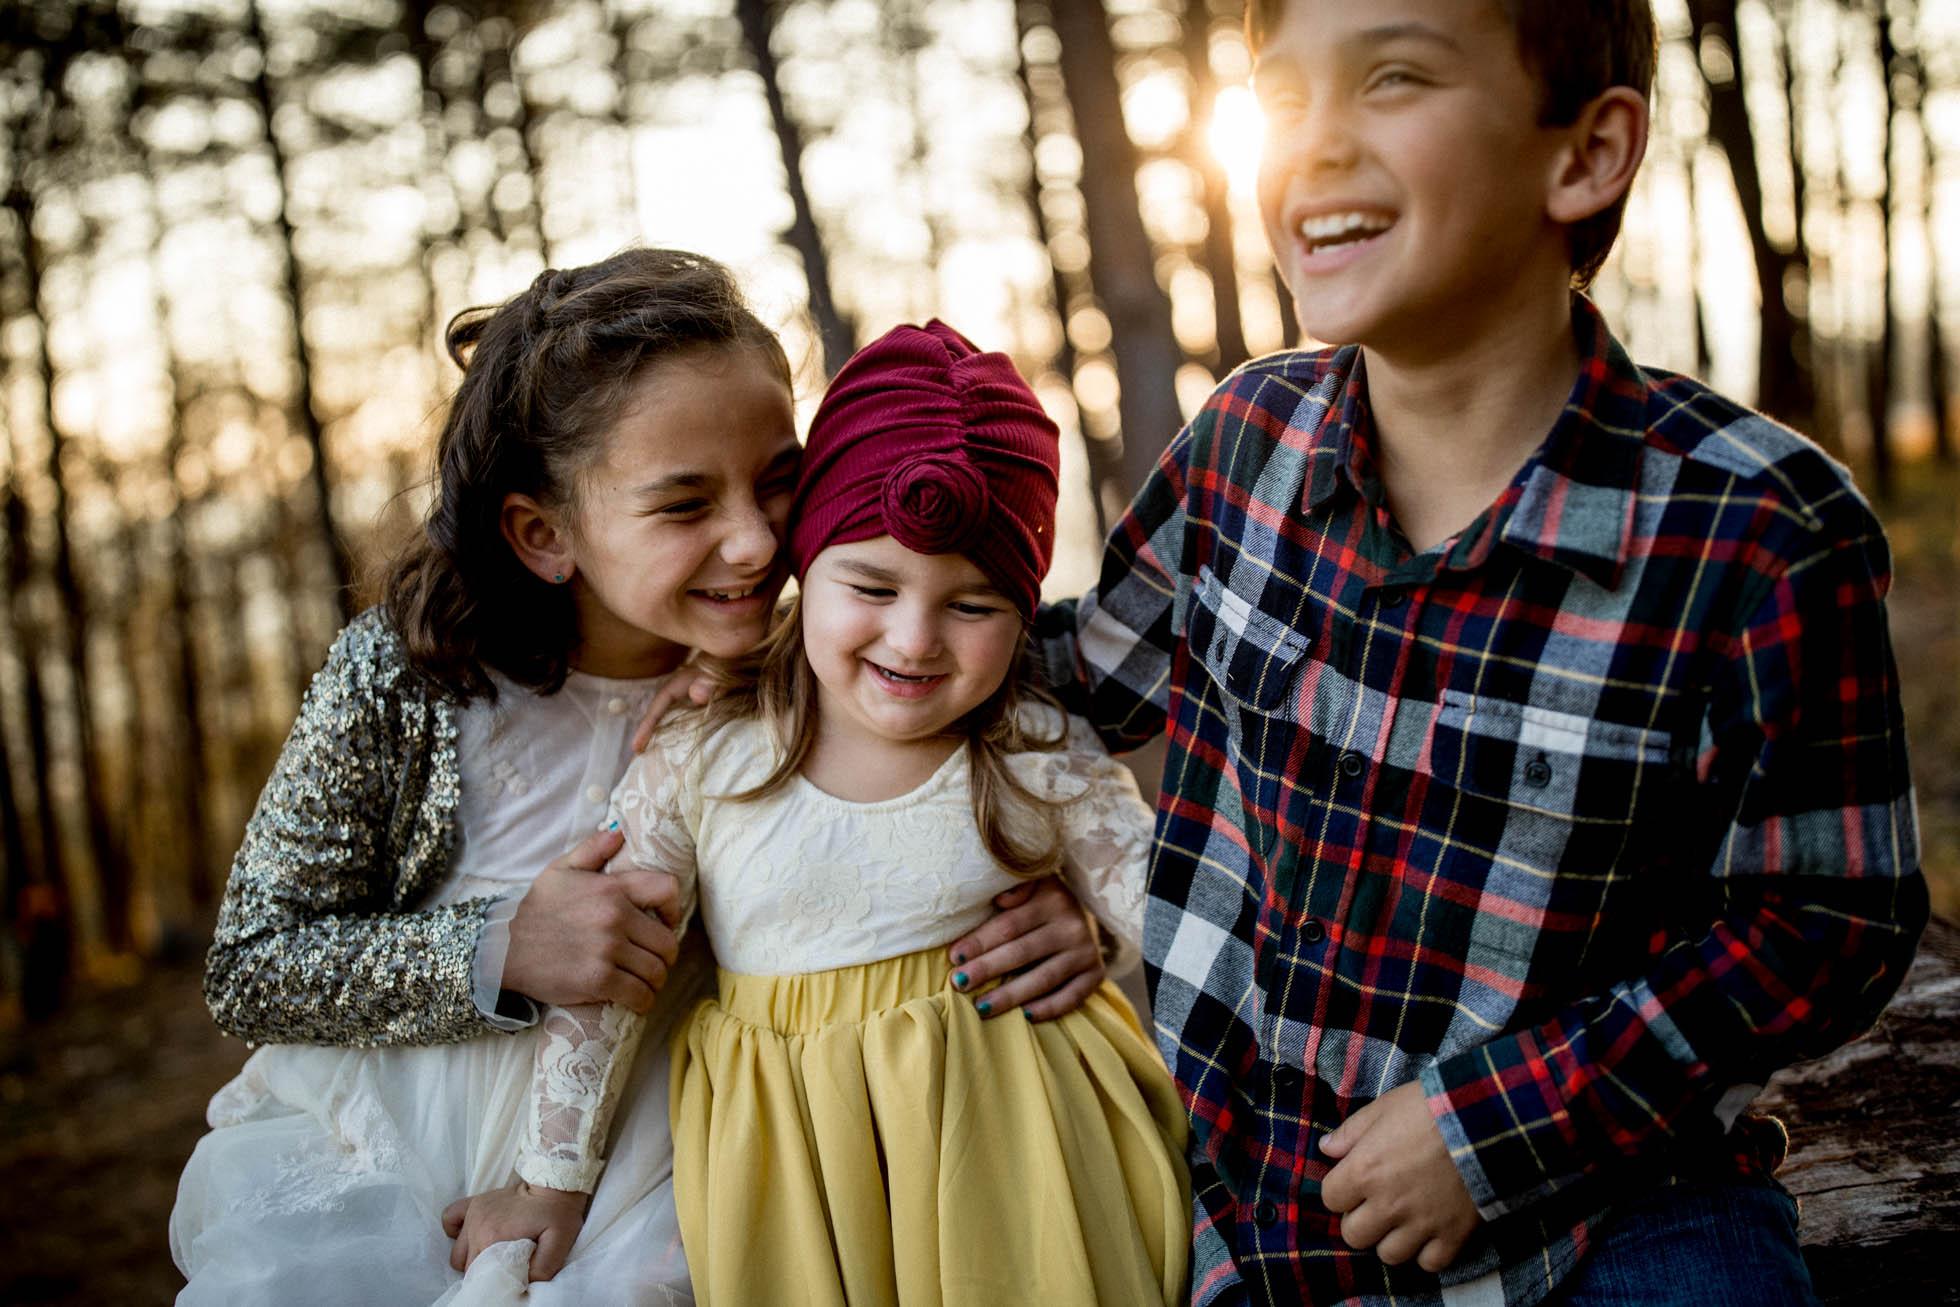 KelseyFarnhamPhotography-www.kelseyfarnham.com-BaldRocksunsetfamilykids-SouthCarolinaGreenville-3